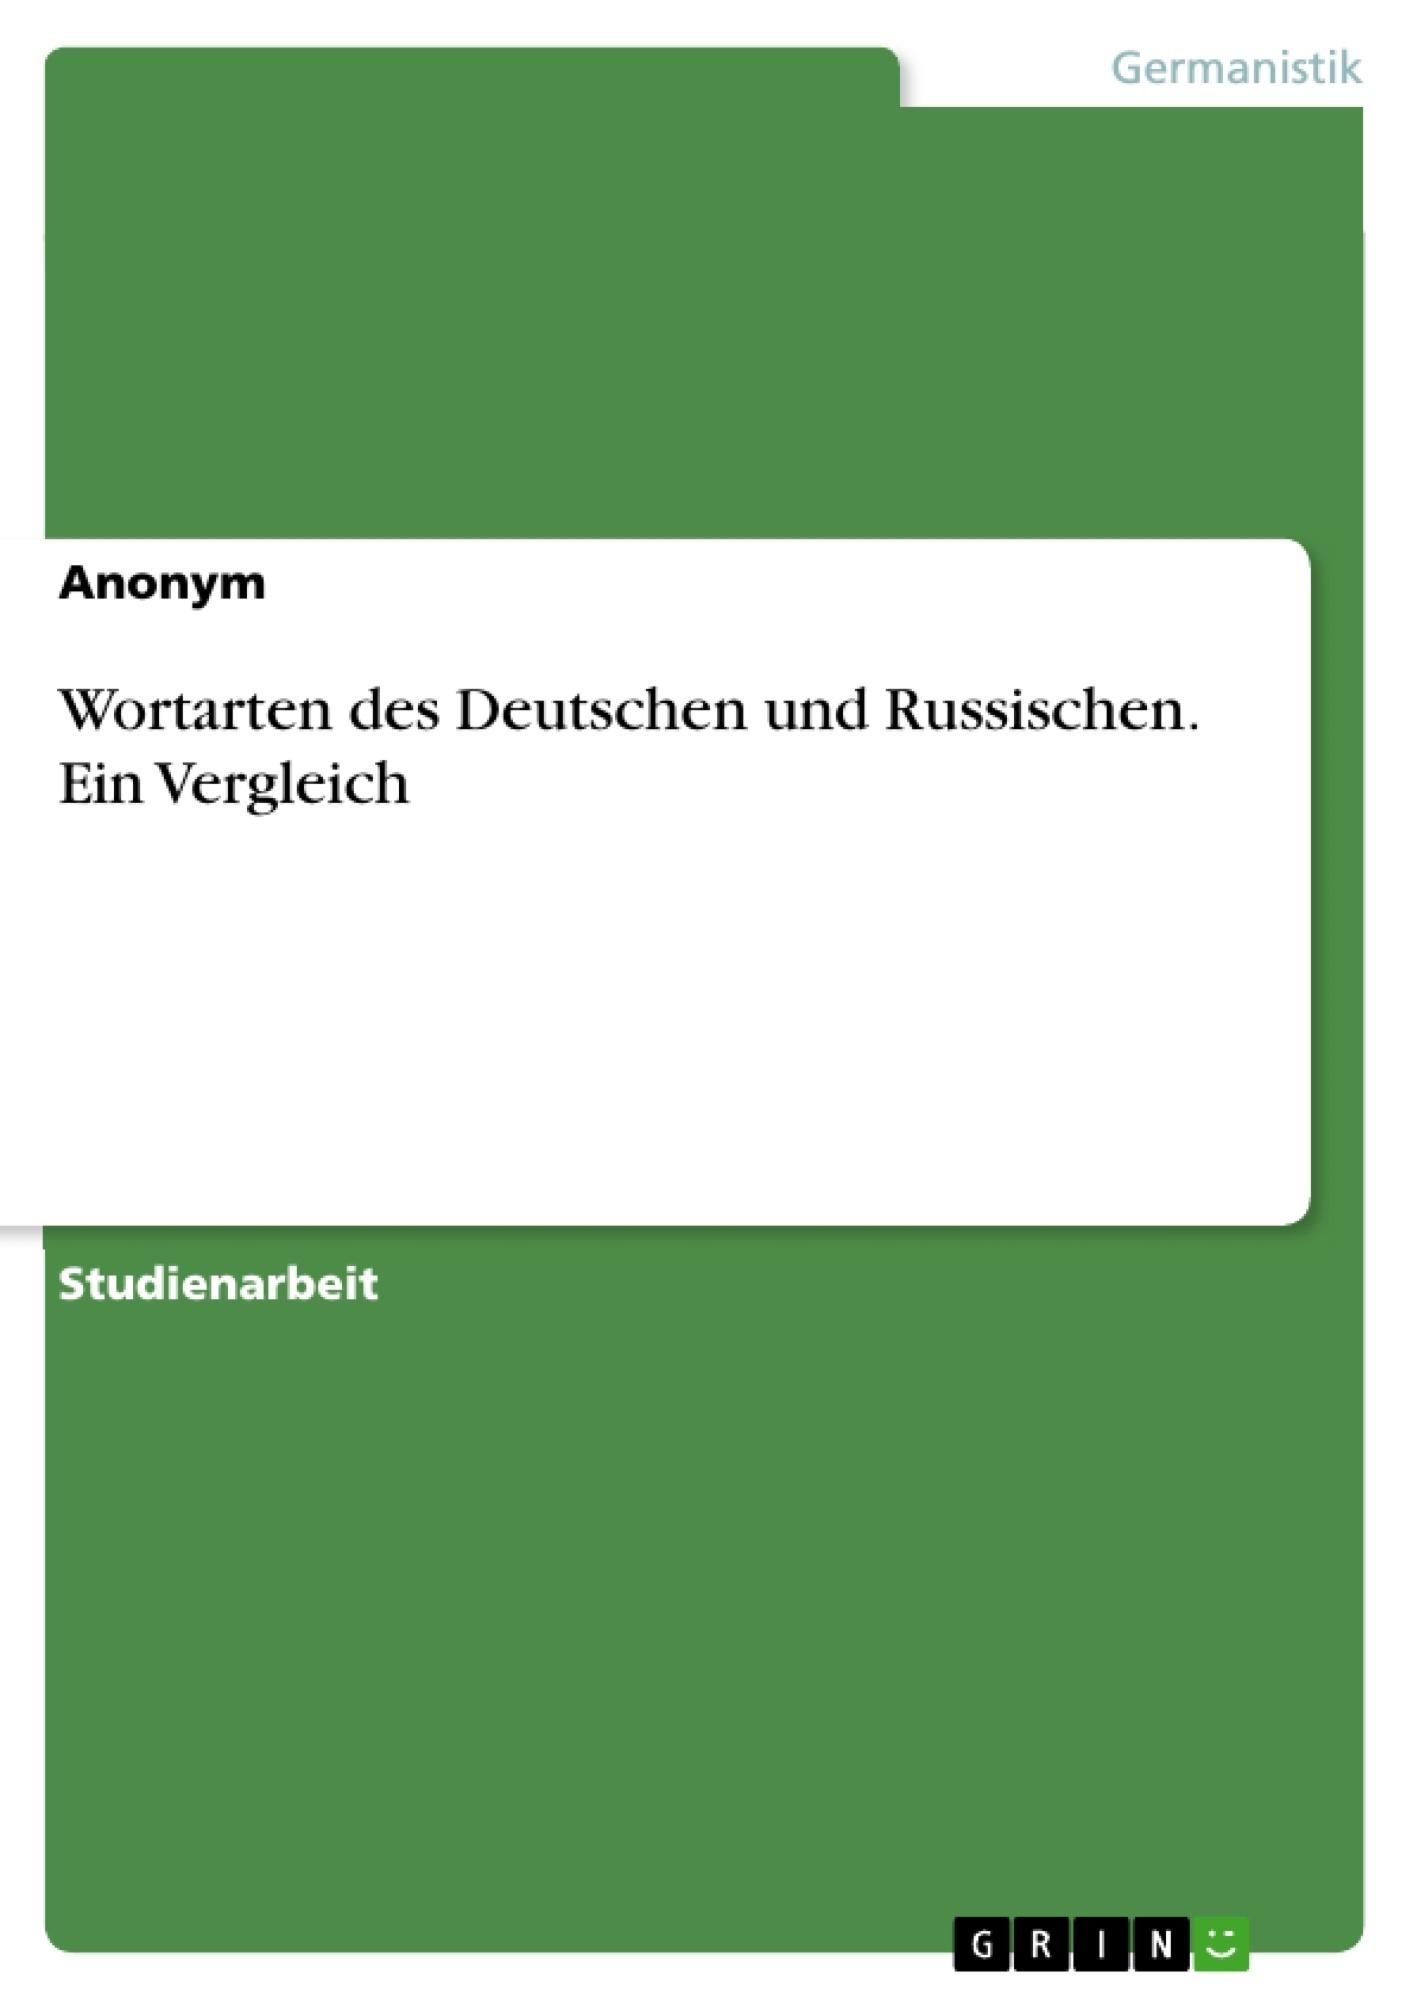 Titel: Wortarten des Deutschen und Russischen. Ein Vergleich